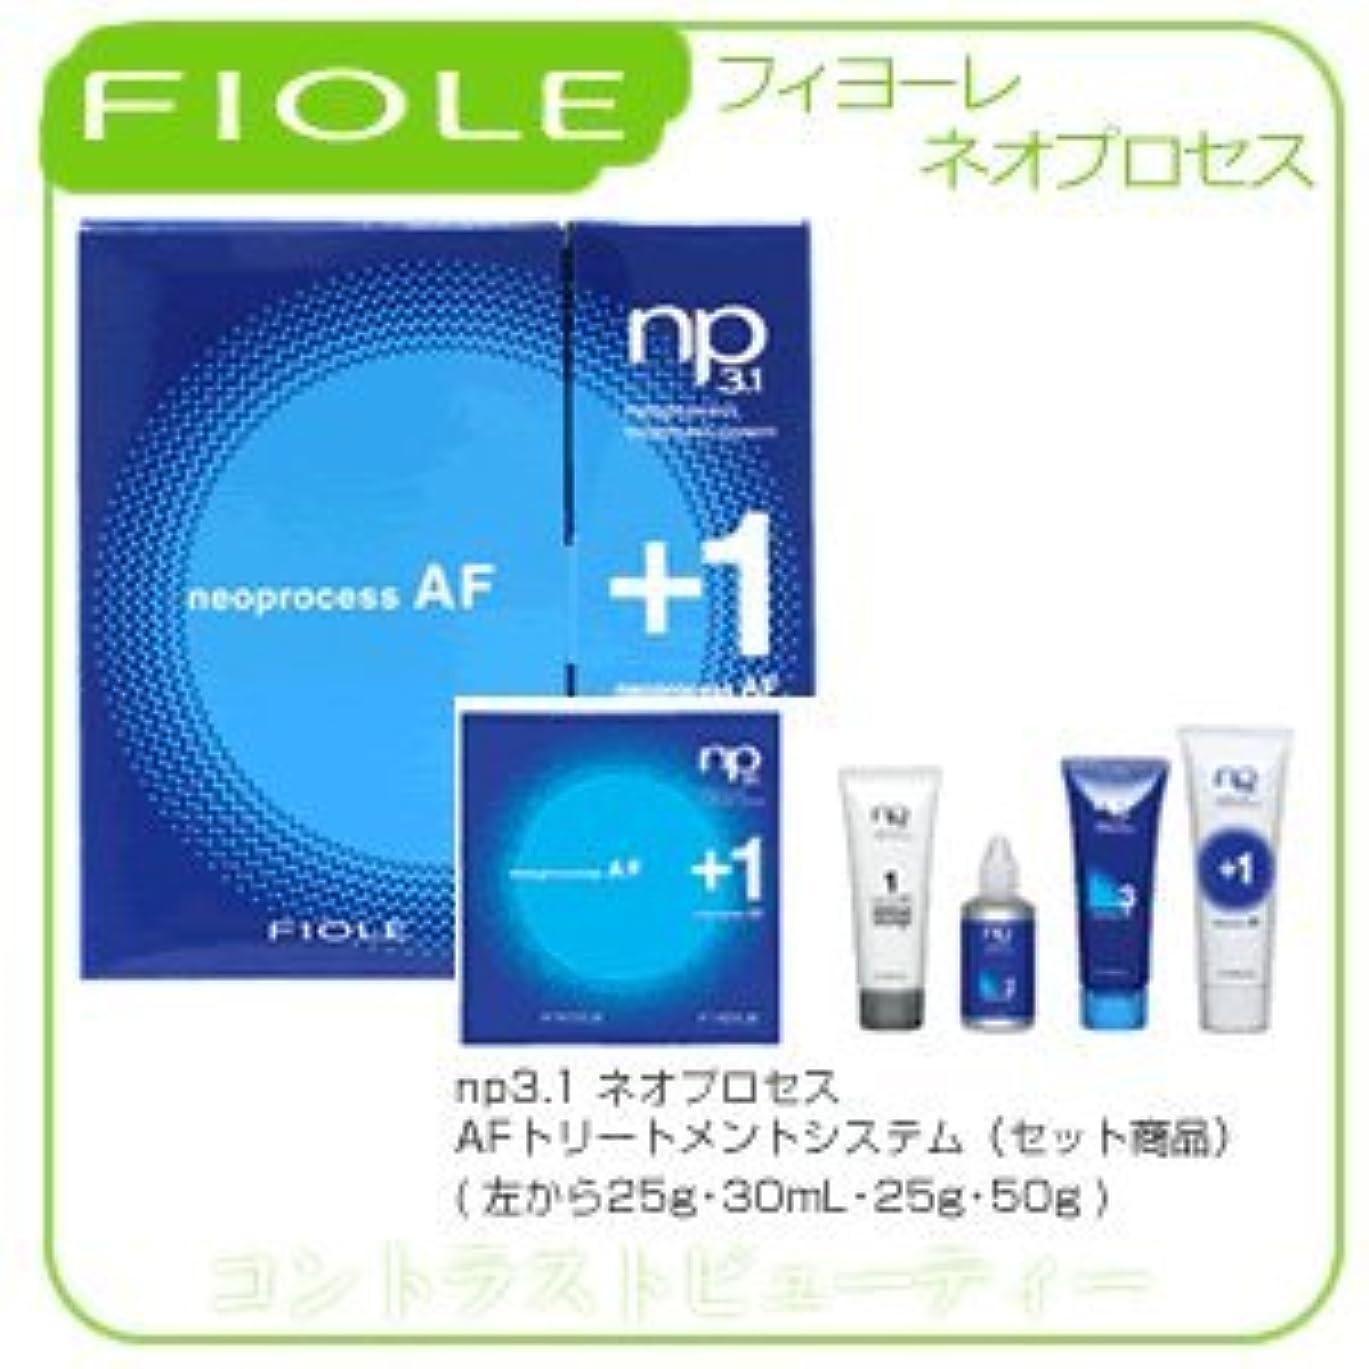 落花生忌避剤パッドフィヨーレ NP3.1 ネオプロセス AF トリートメントシステム FIOLE ネオプロセス